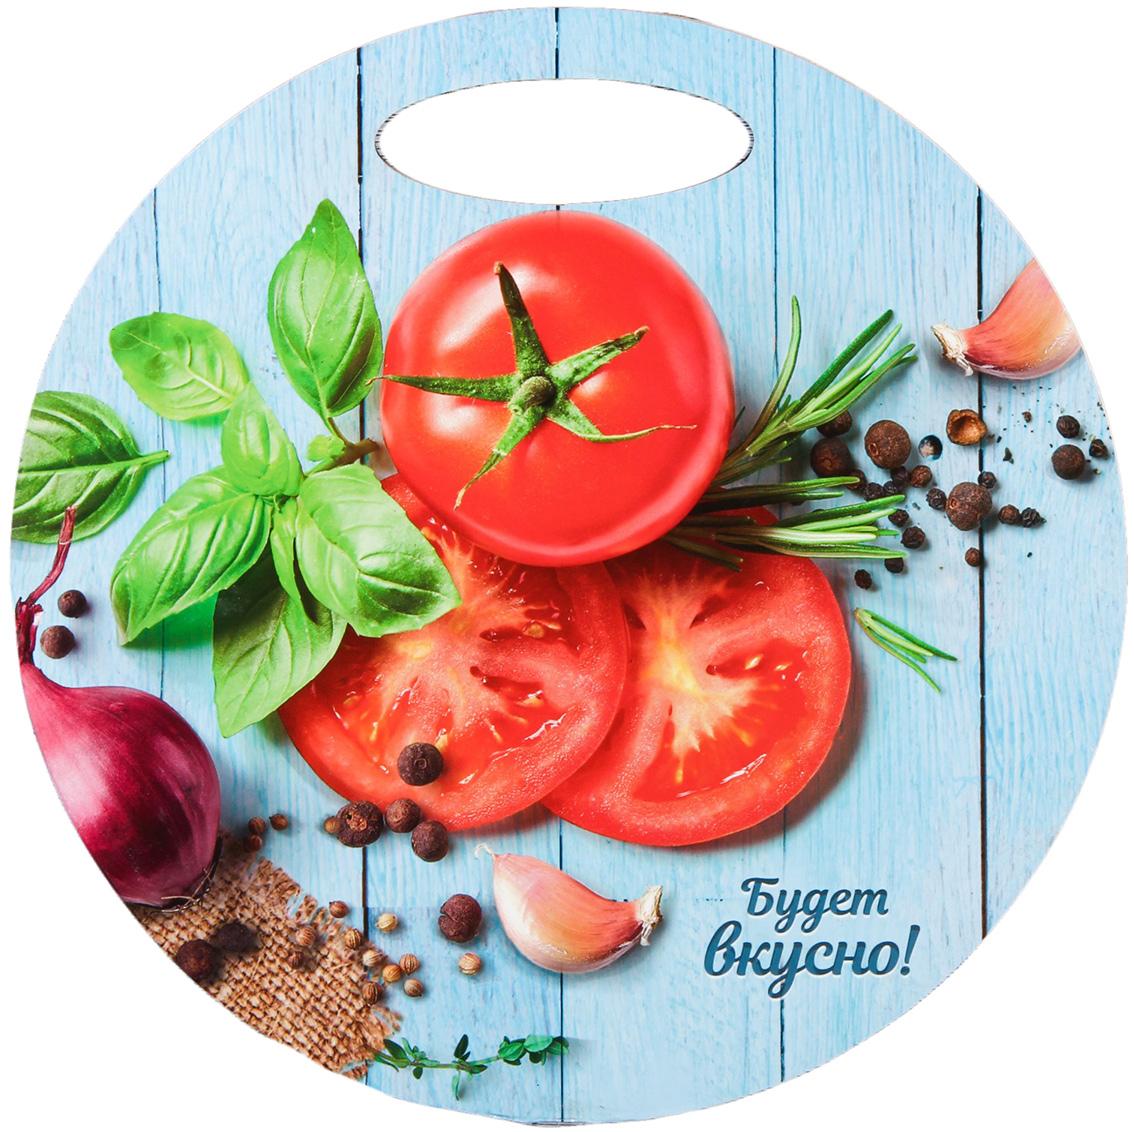 """Доска разделочная """"Будет вкусно"""", цвет: голубой, красный, зеленый, диаметр 24 см"""